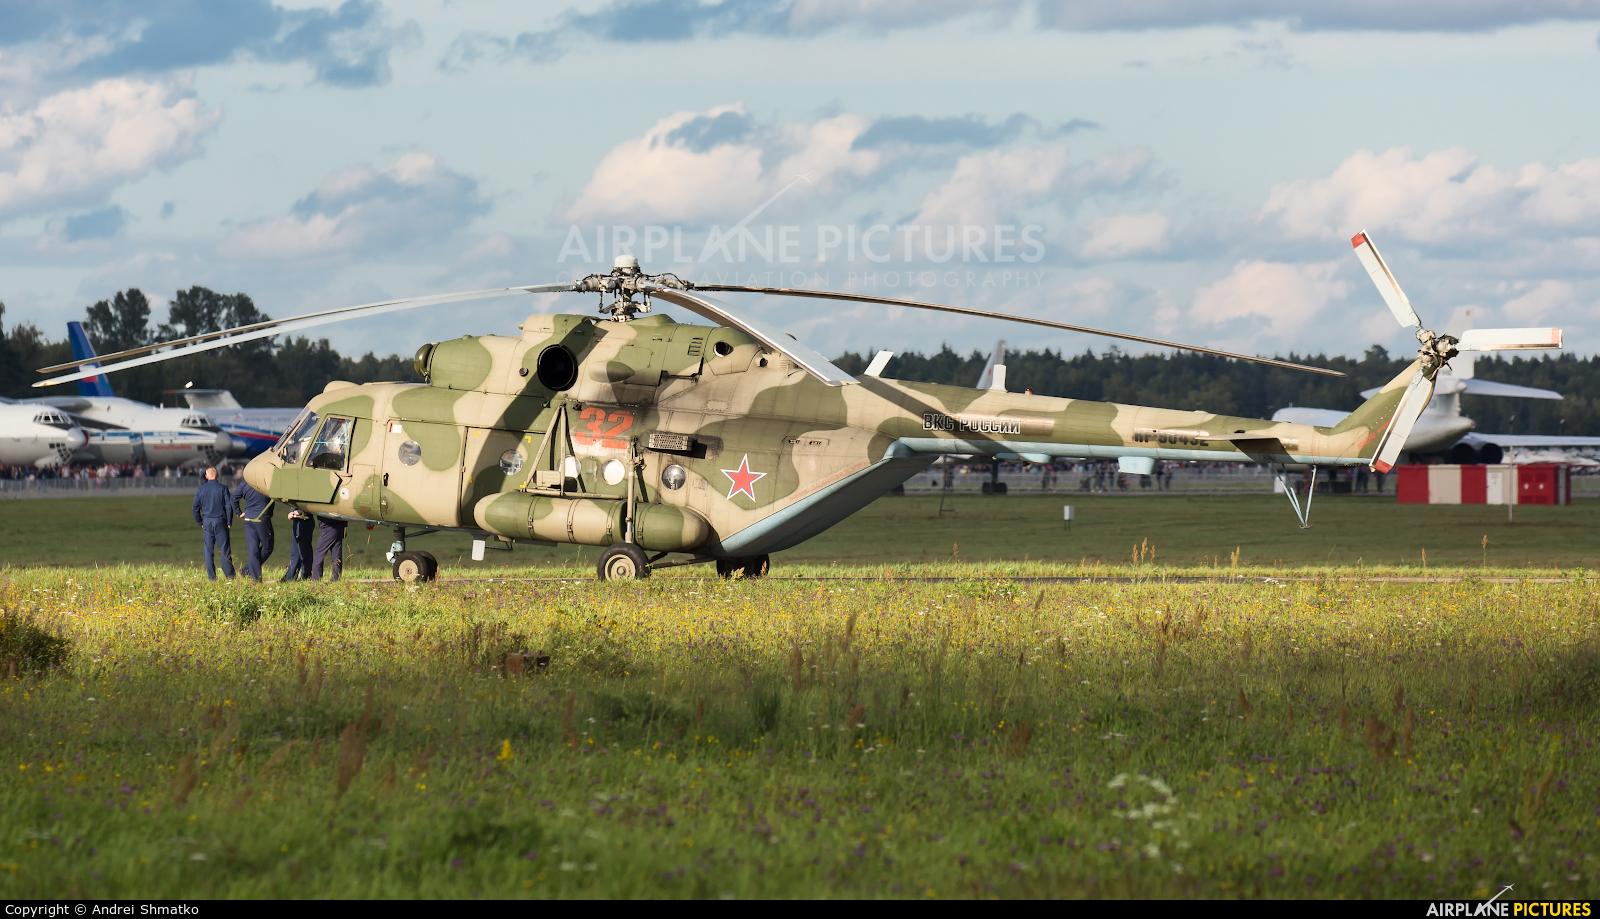 Russia - Air Force RF-90432 aircraft at Kubinka